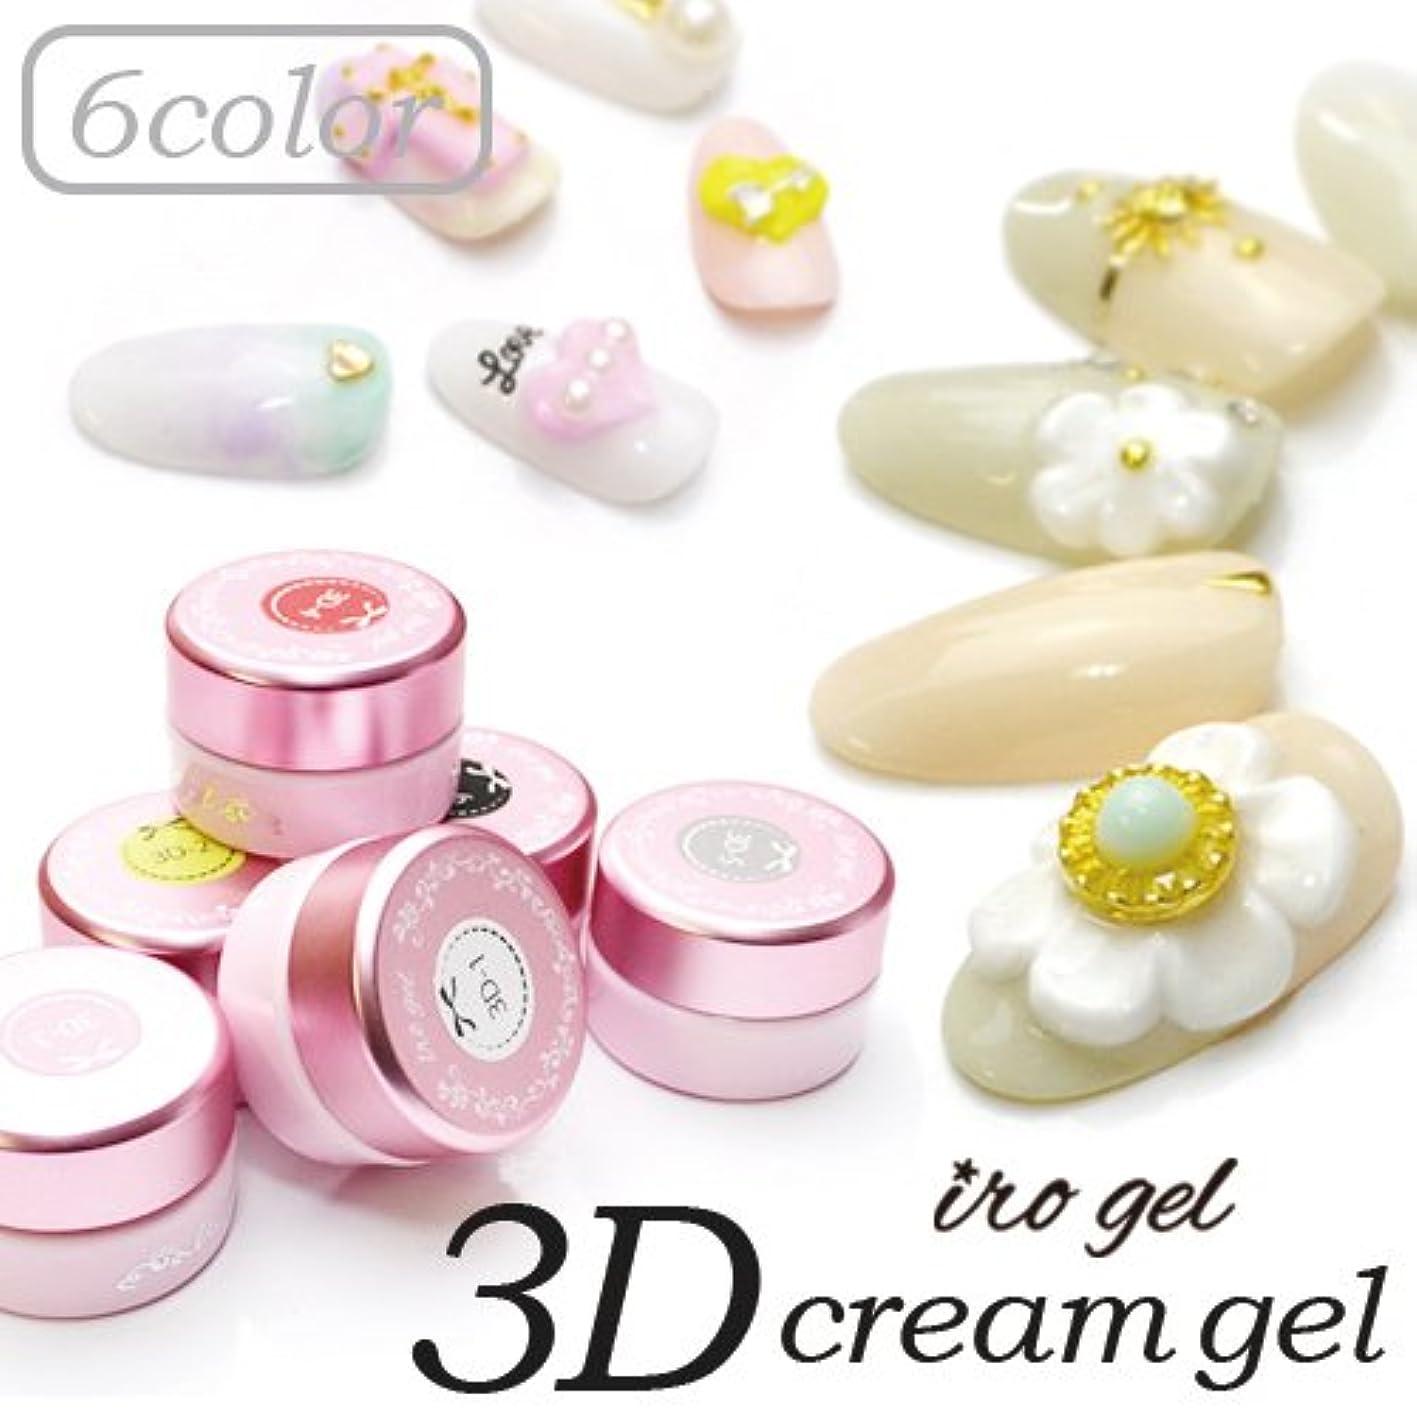 プラグ策定する成長する3D irogel(イロジェル)クリームジェル「1 ホワイト」3Dジェルネイル